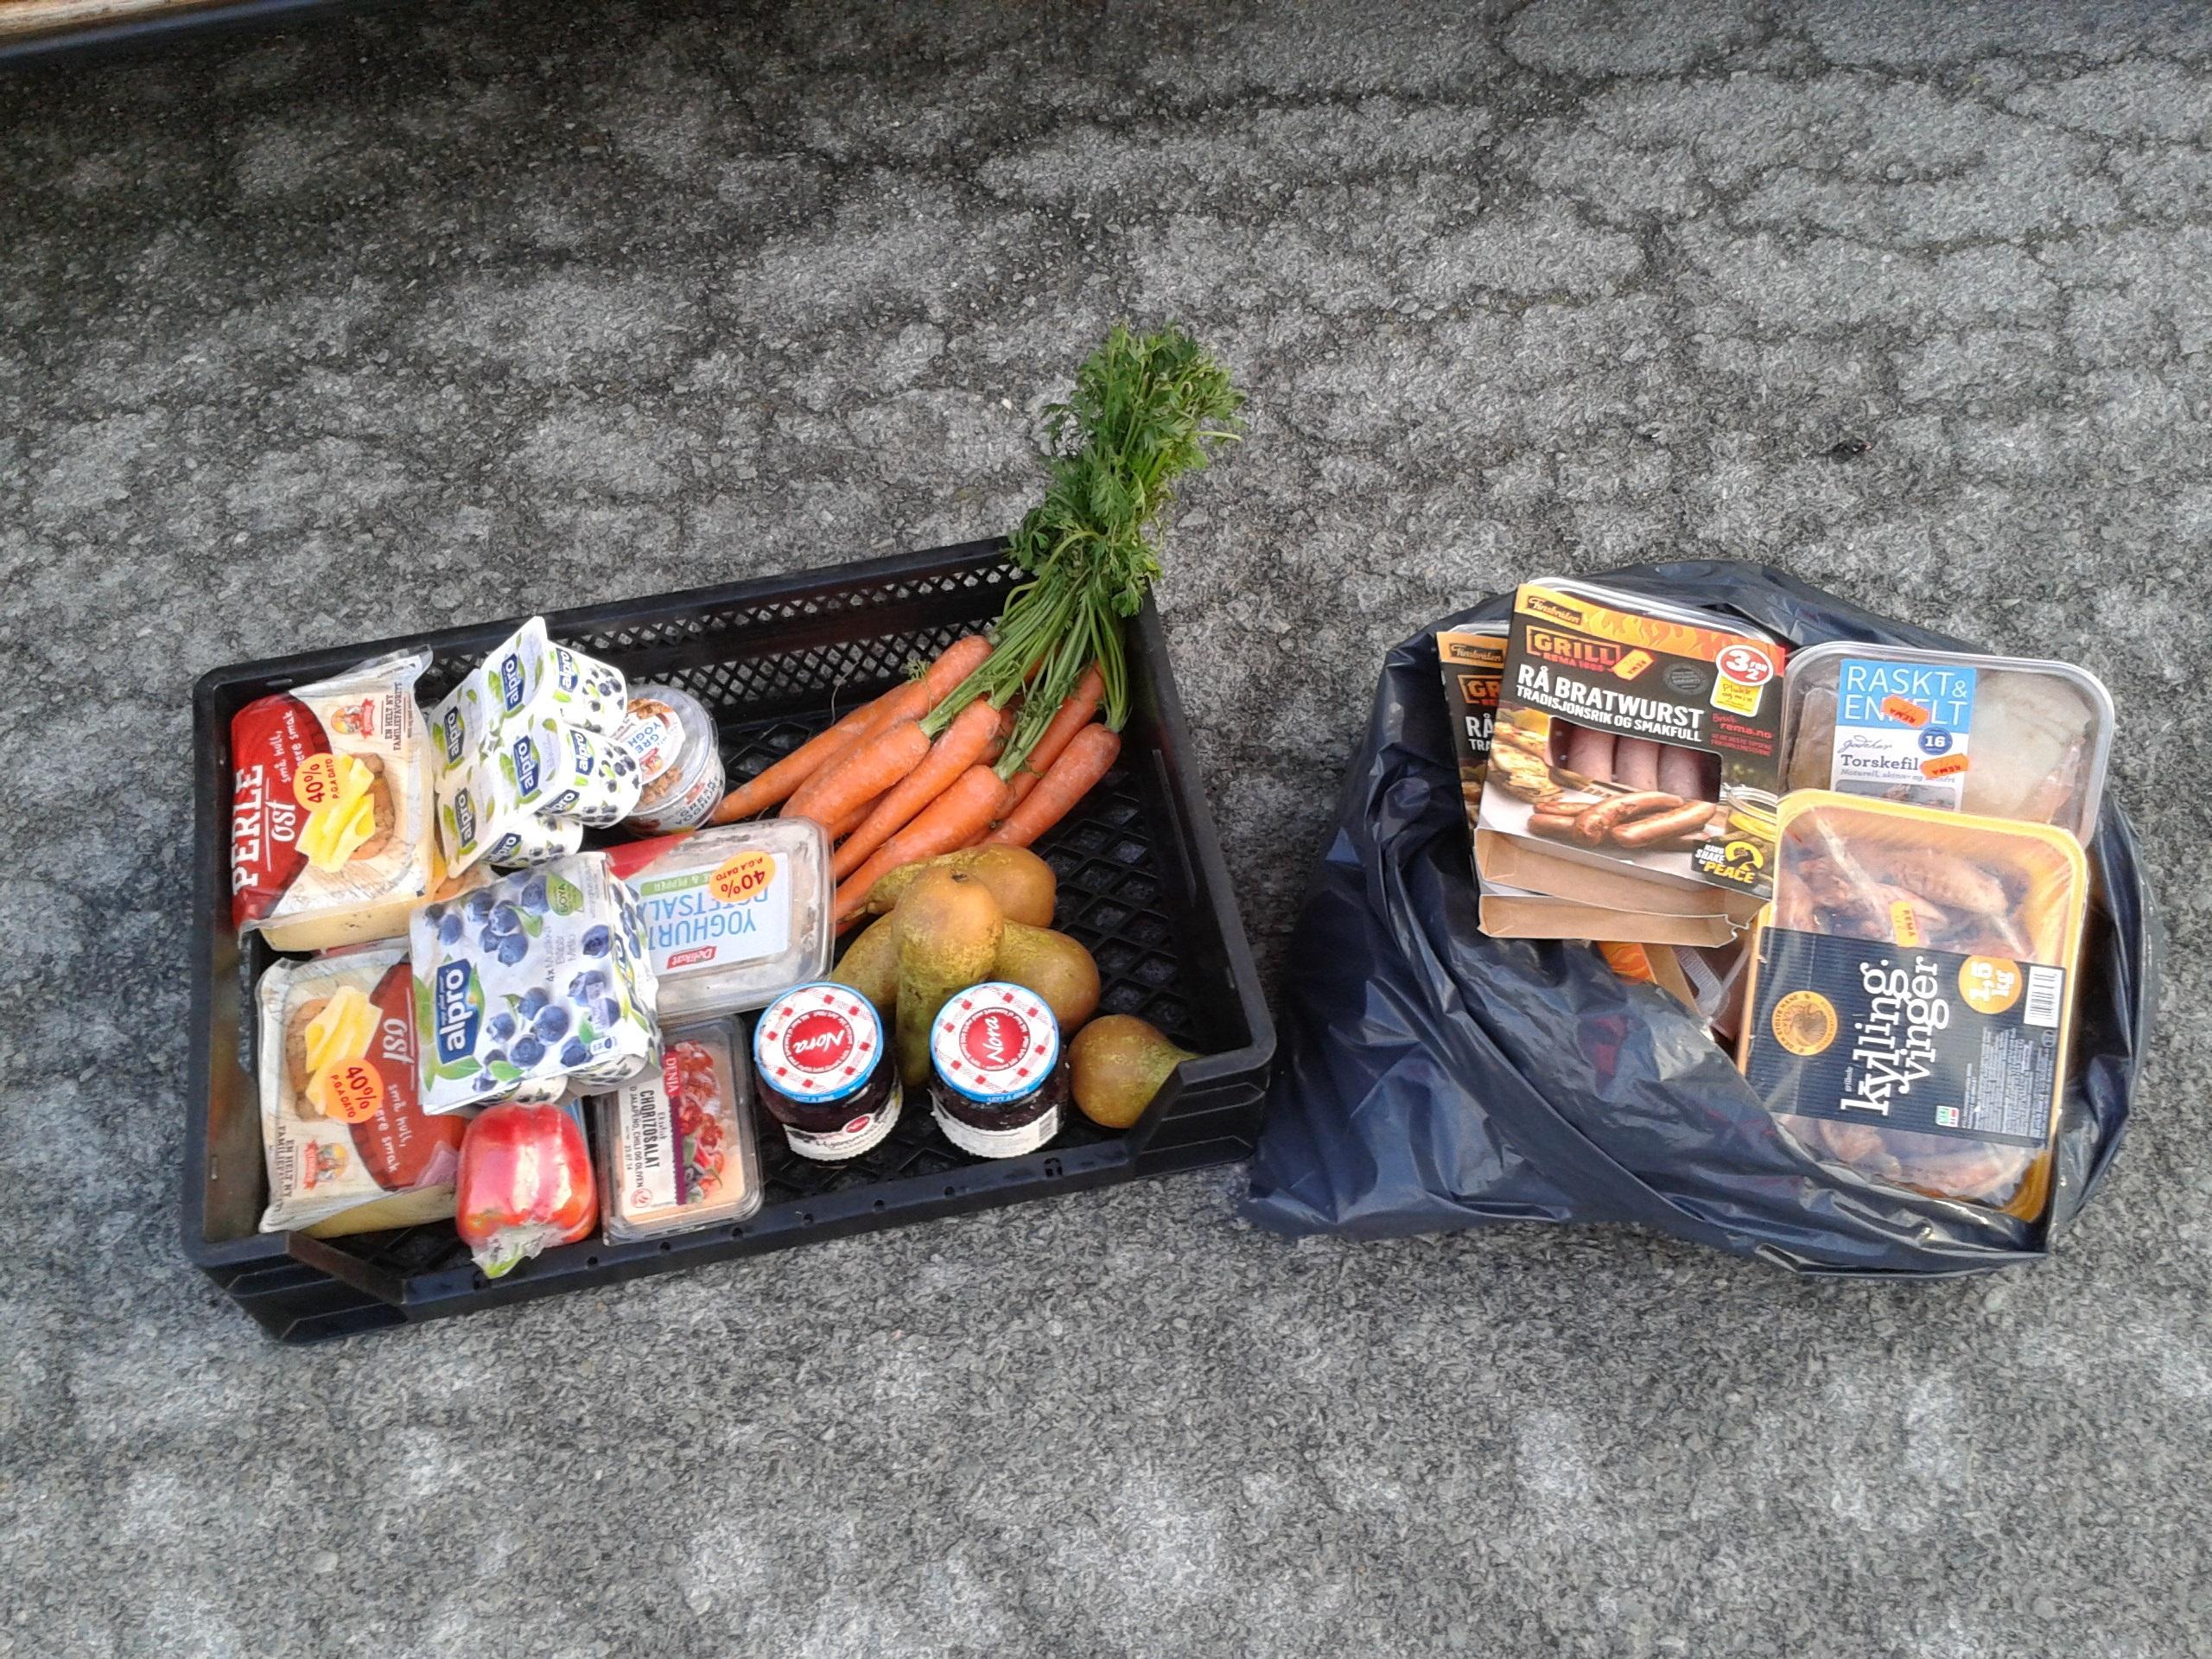 skandinavia - potraviny z restik - clanok